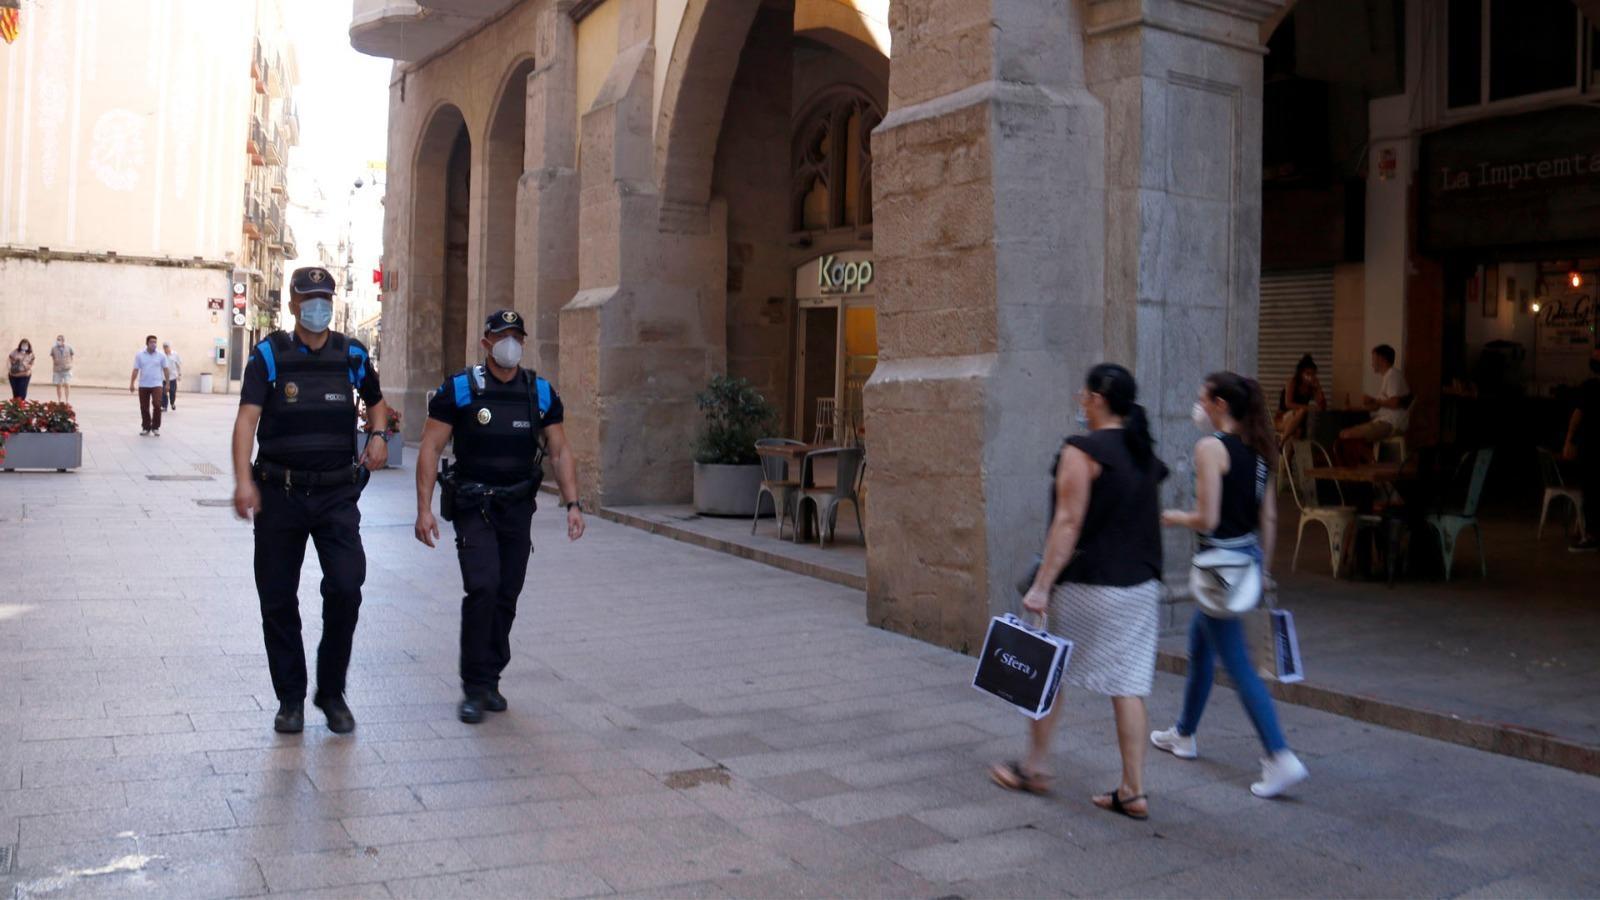 Por de més rebrots a Lleida; la selectivitat comença avui, sense mascareta; Bartomeu dona explicacions sobre l'auditoria: les claus del dia, amb Antoni Bassas (07/07/2020)